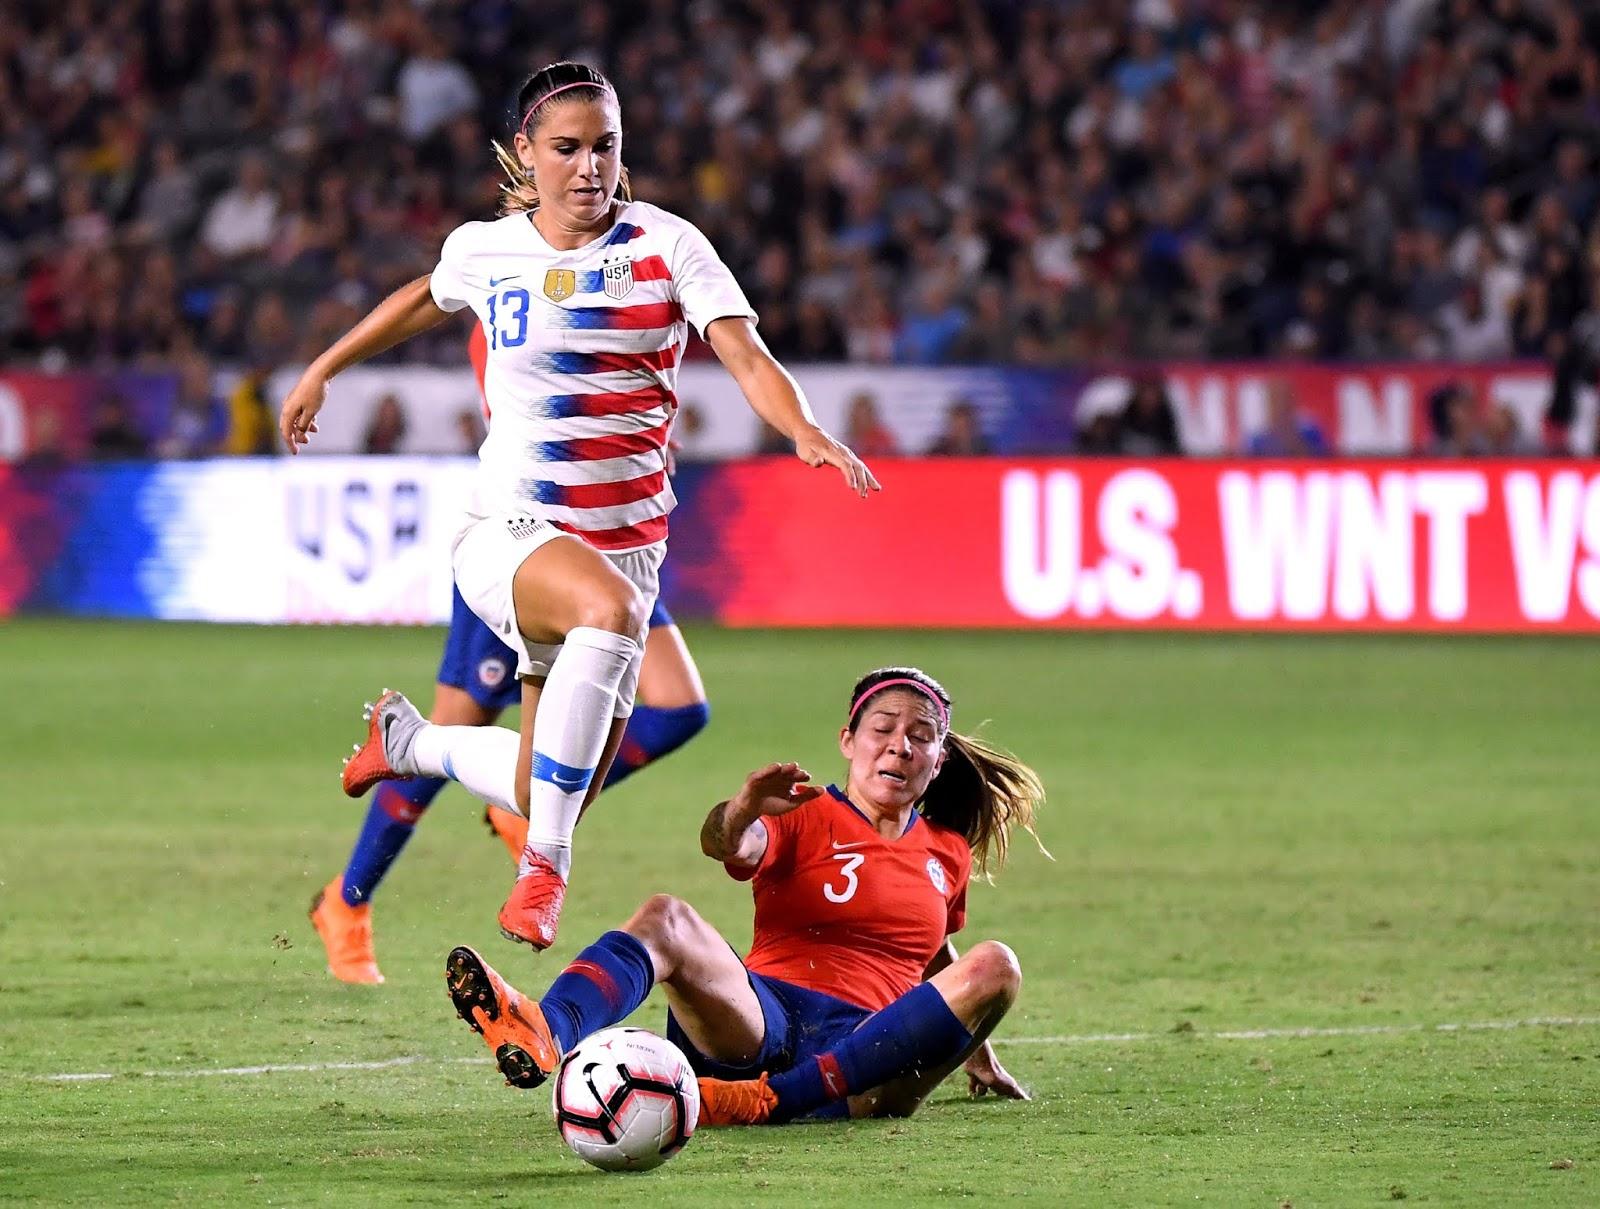 Estados Unidos y Chile en partido amistoso femenino, 1 de septiembre de 2018